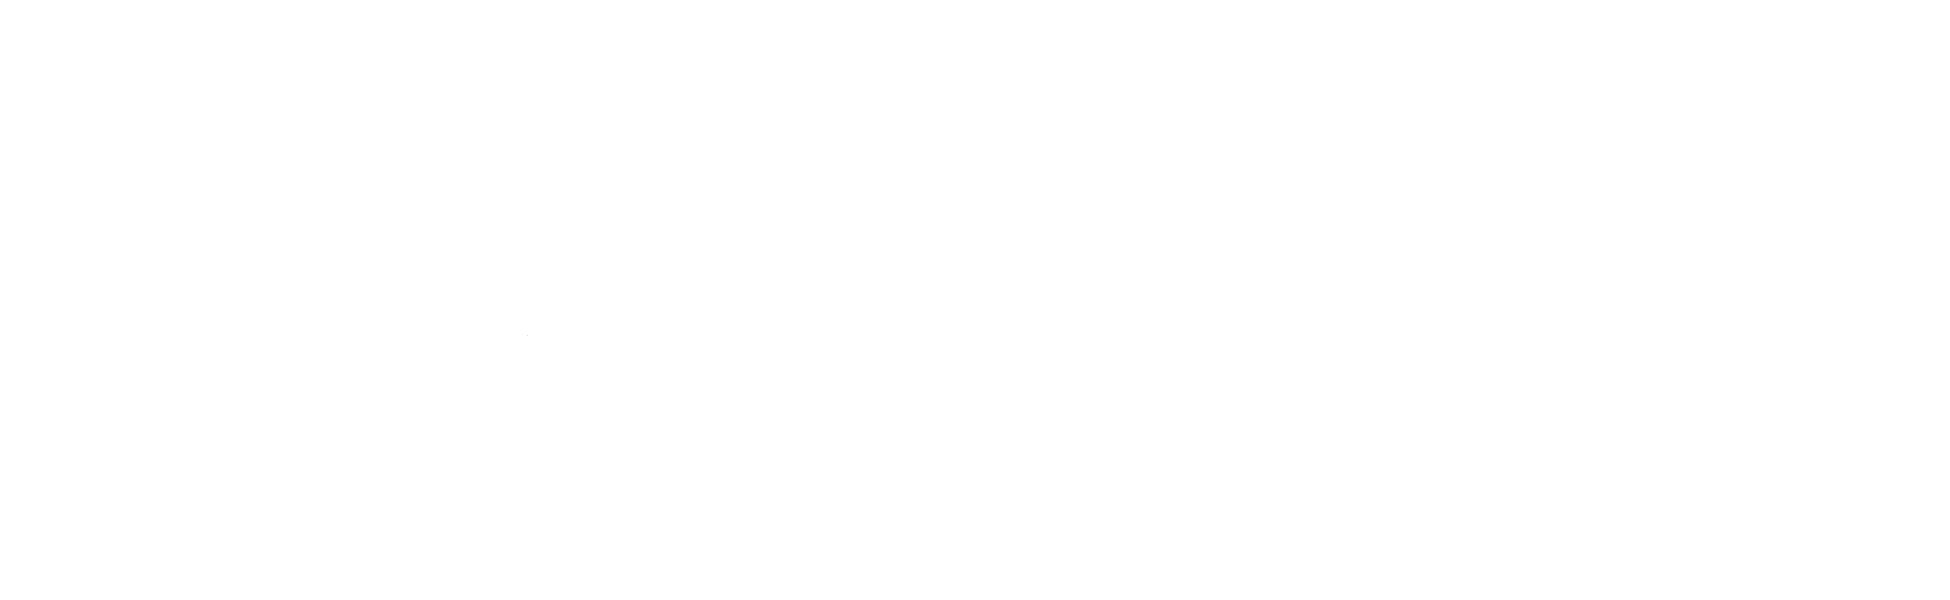 autumwoodshorizwhite-03.png